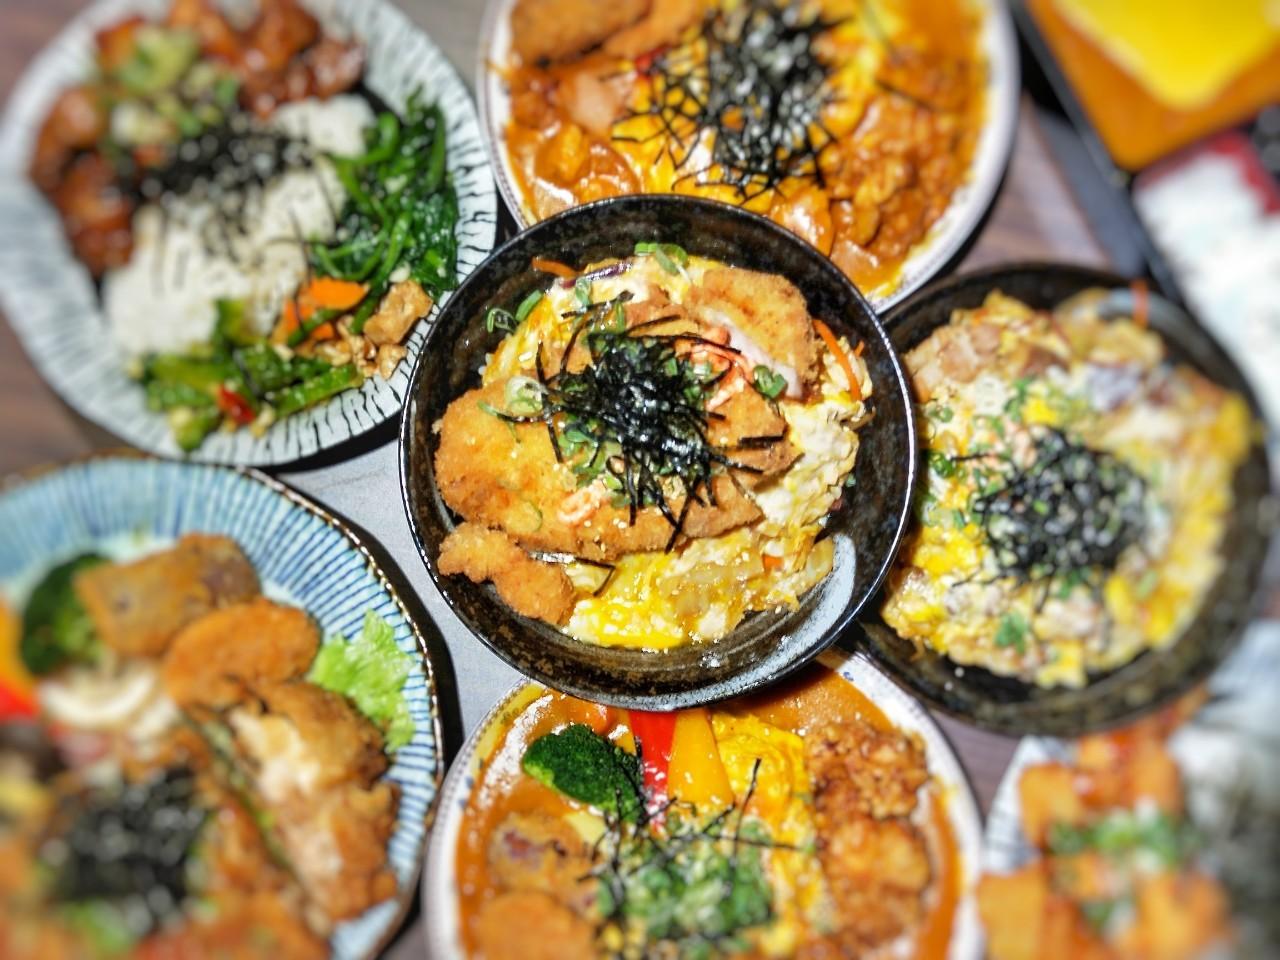 桃園中壢美食-樂福和洋食堂-大份量丼飯好划算,100元日式便當讓你吃飽飽  (邀約)